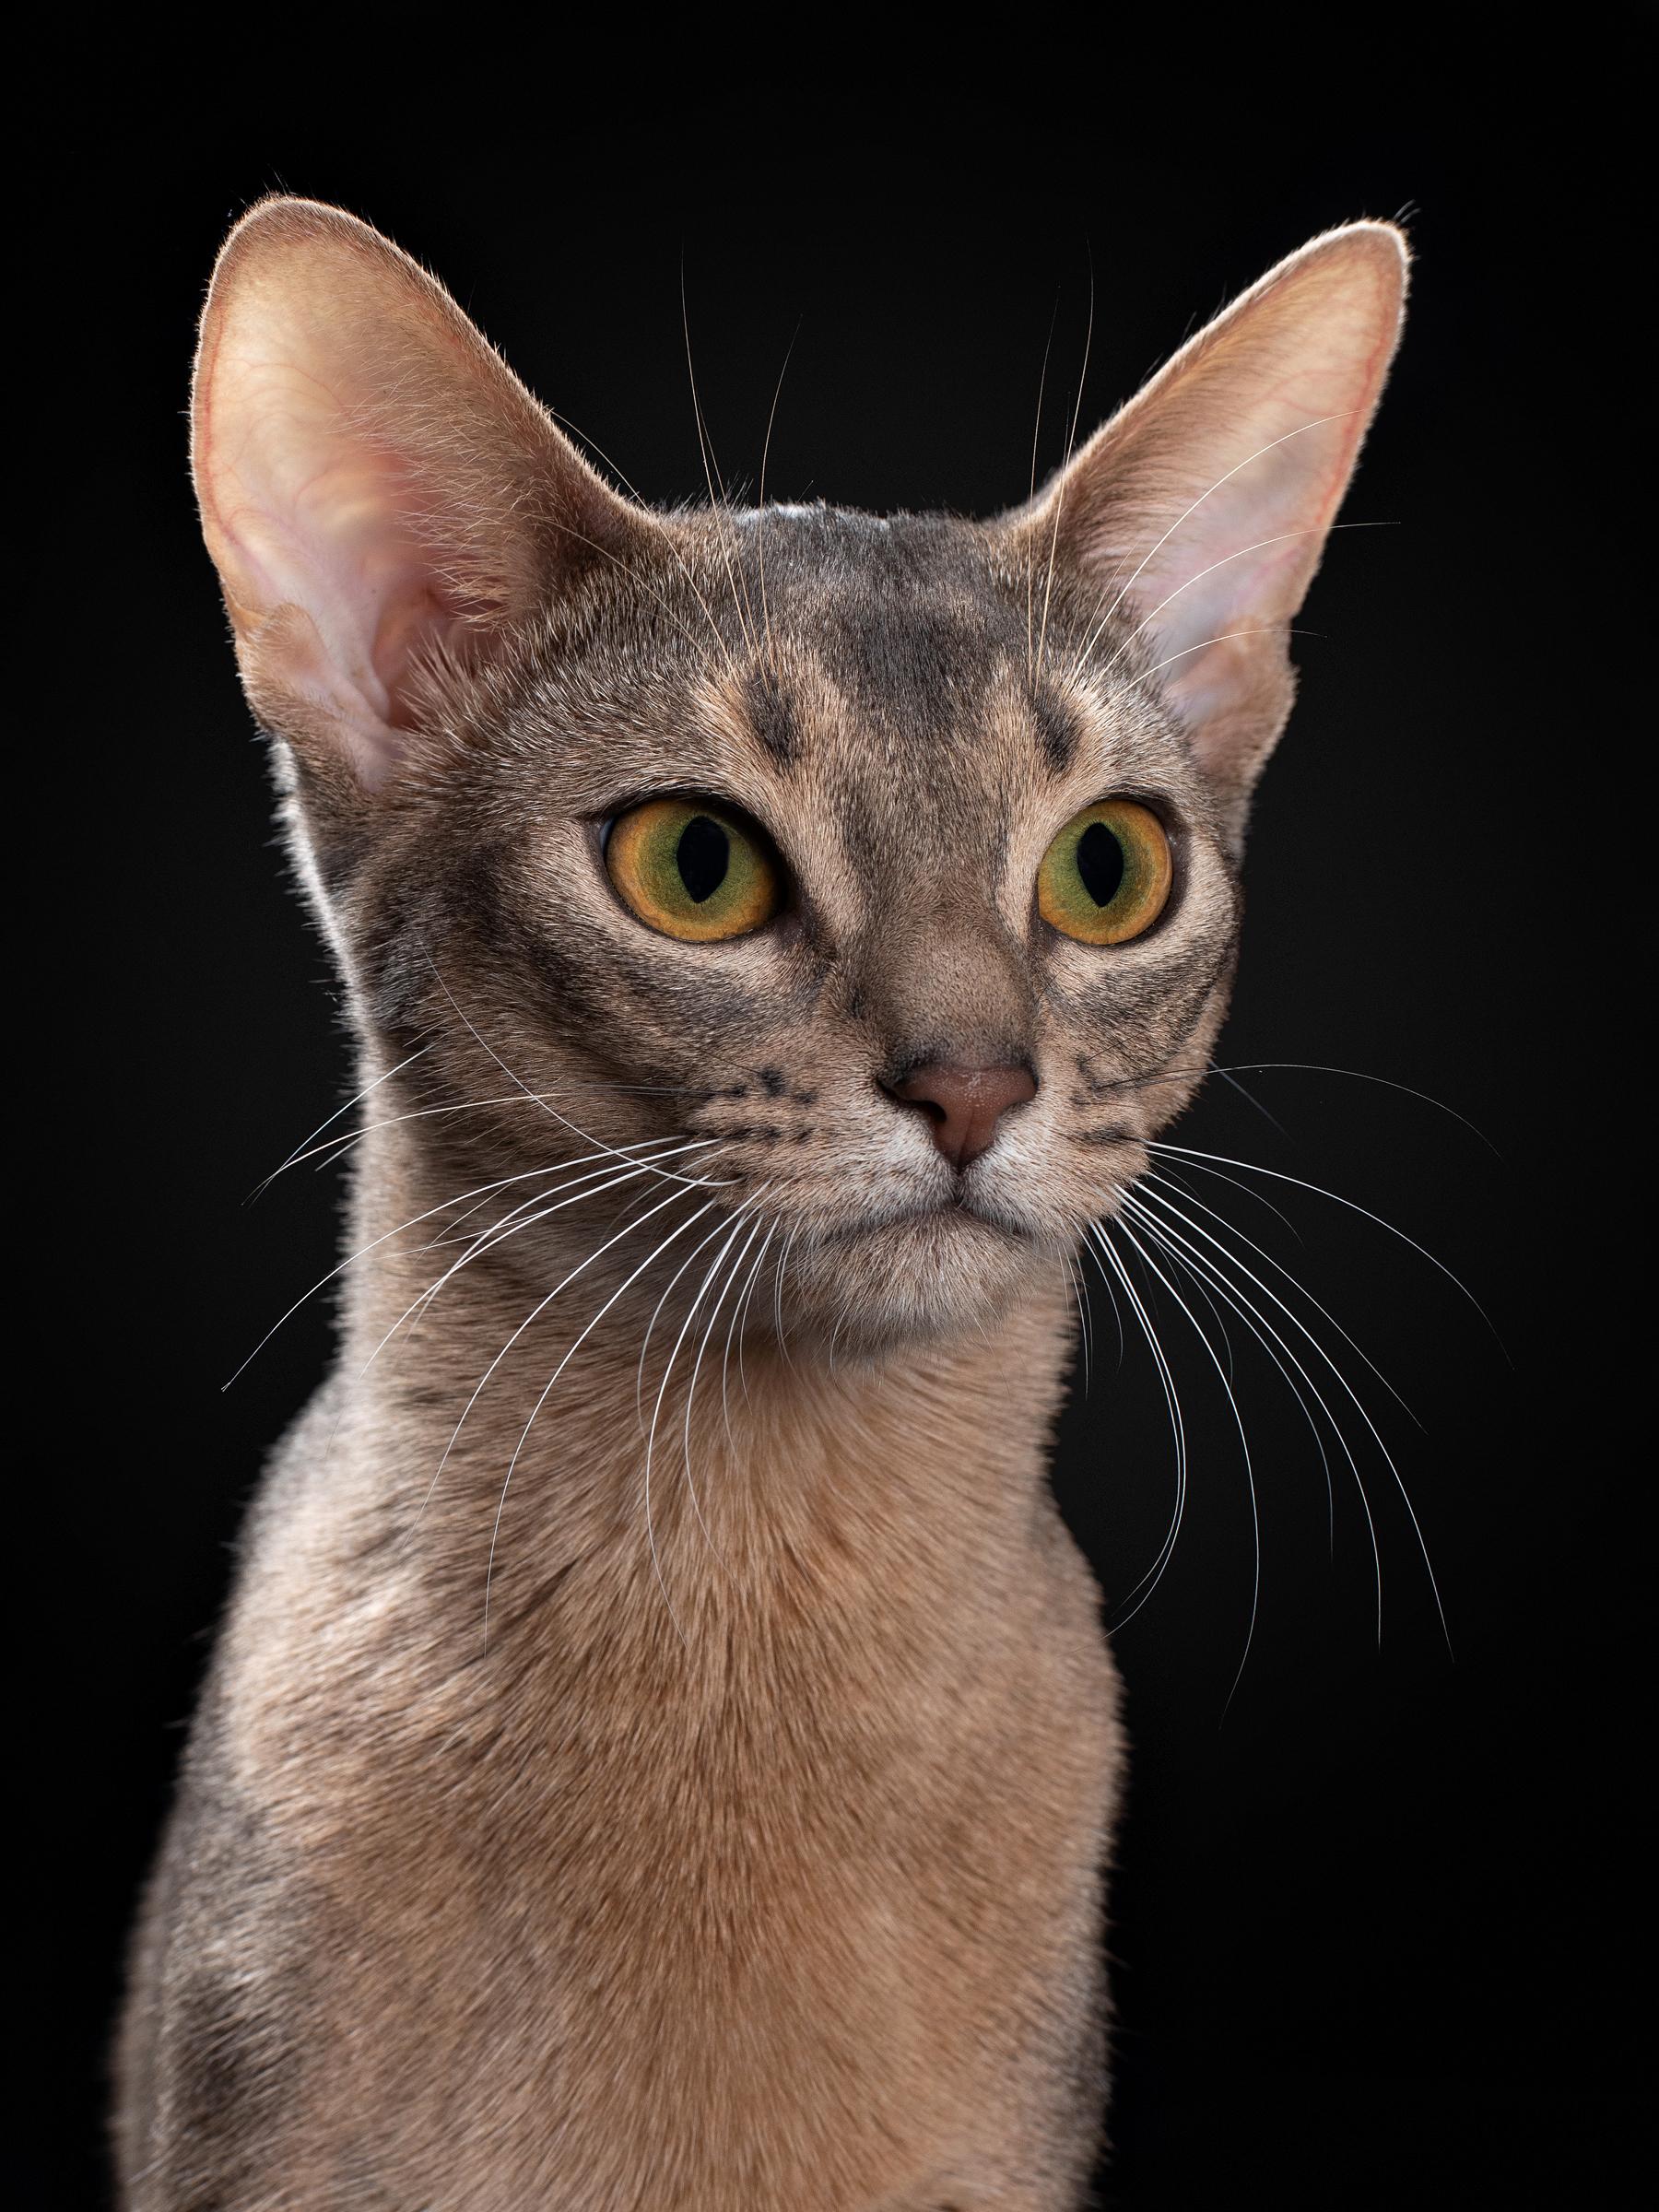 Купить лучшего абиссинского котенка. Andromeda PanZimur